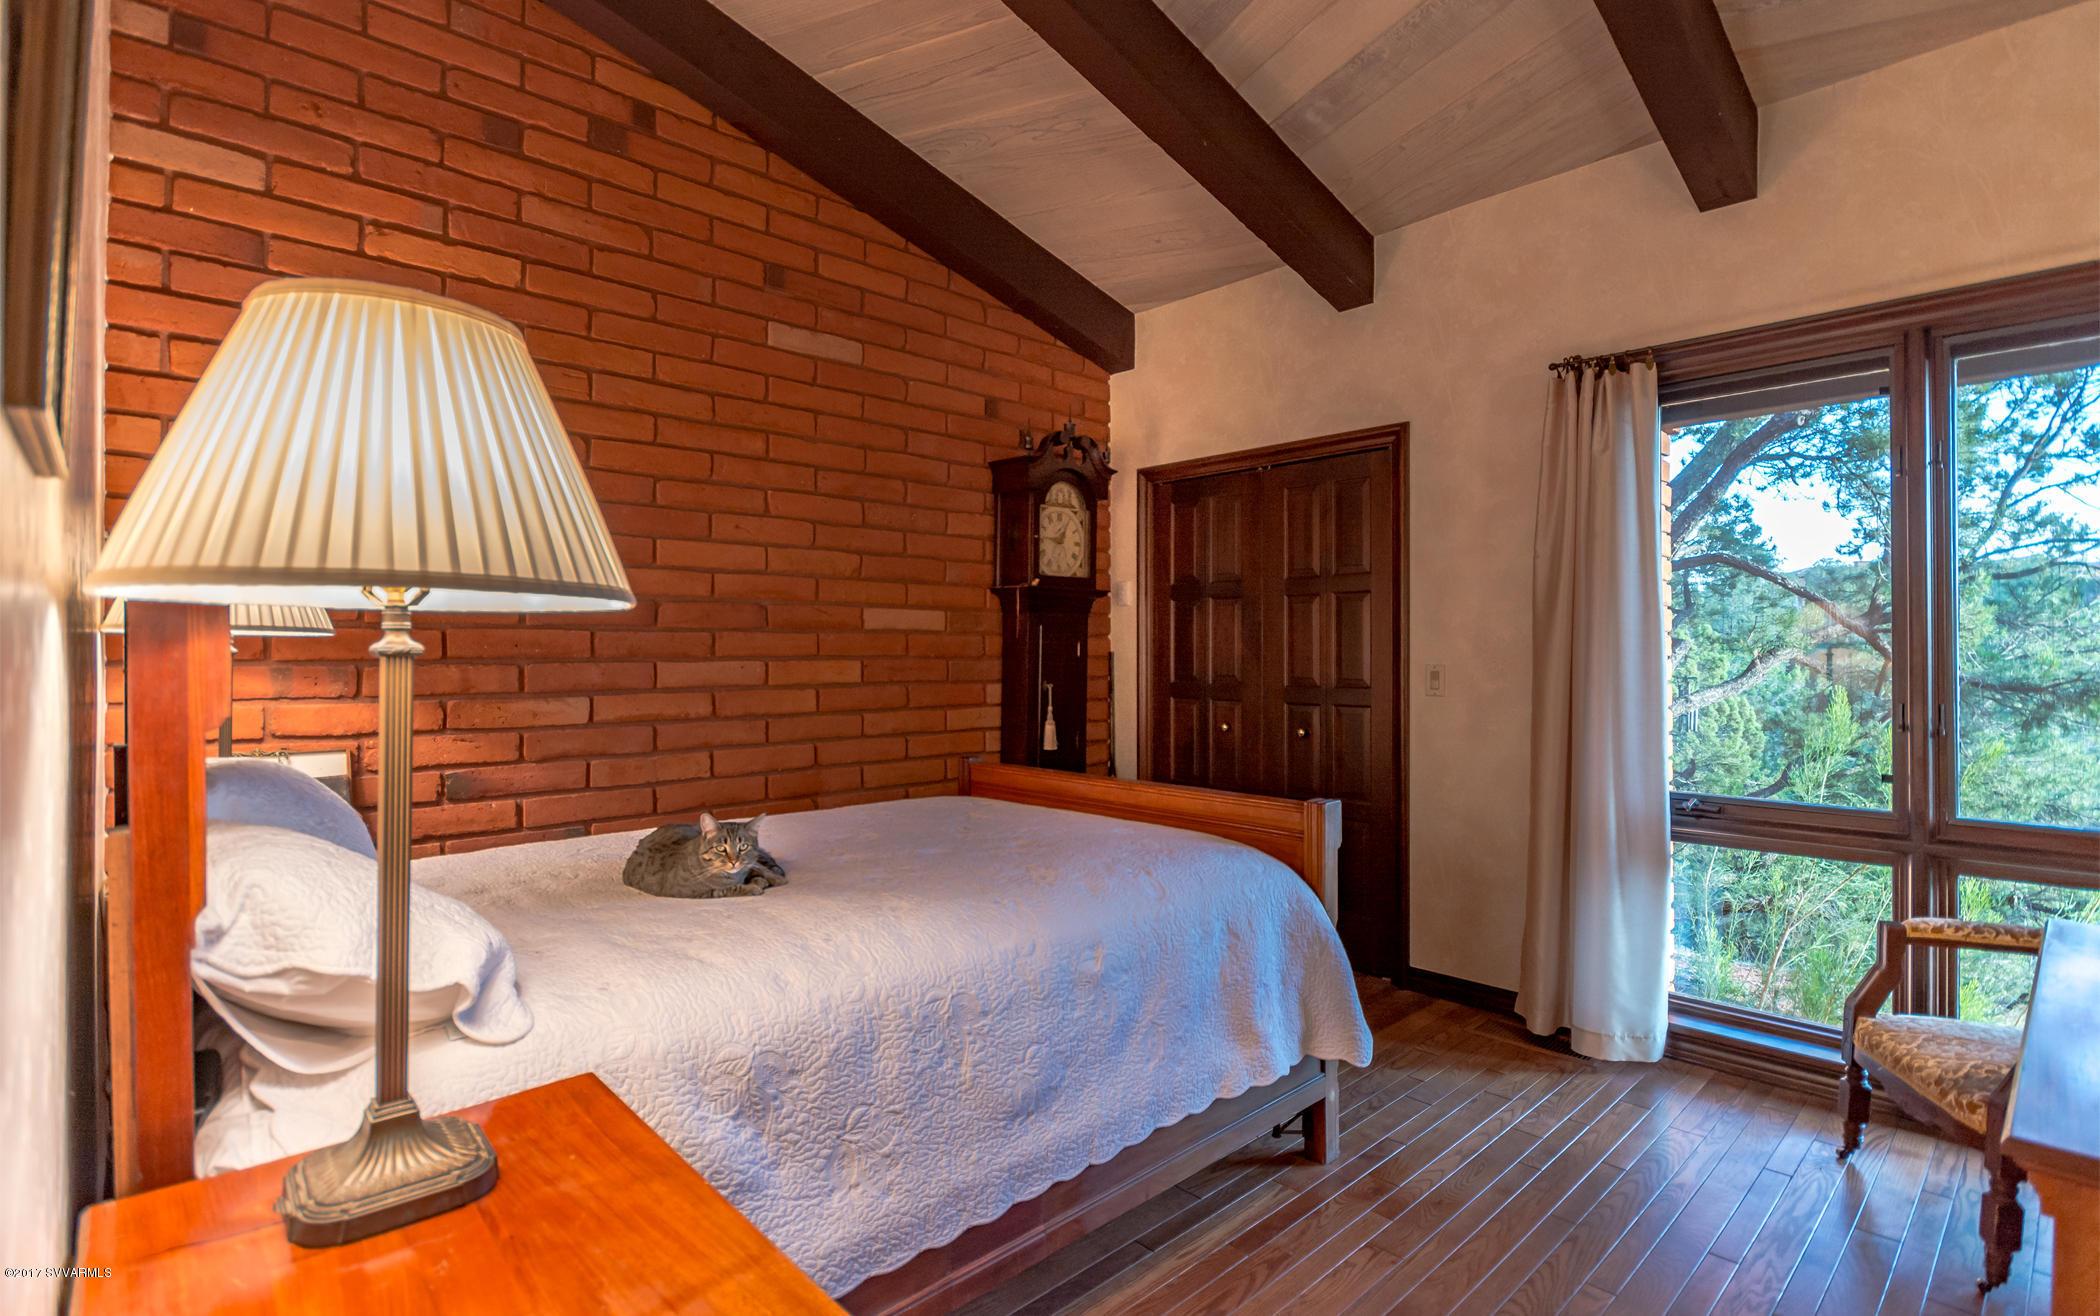 160 Camino Del Caballo Sedona, AZ 86336